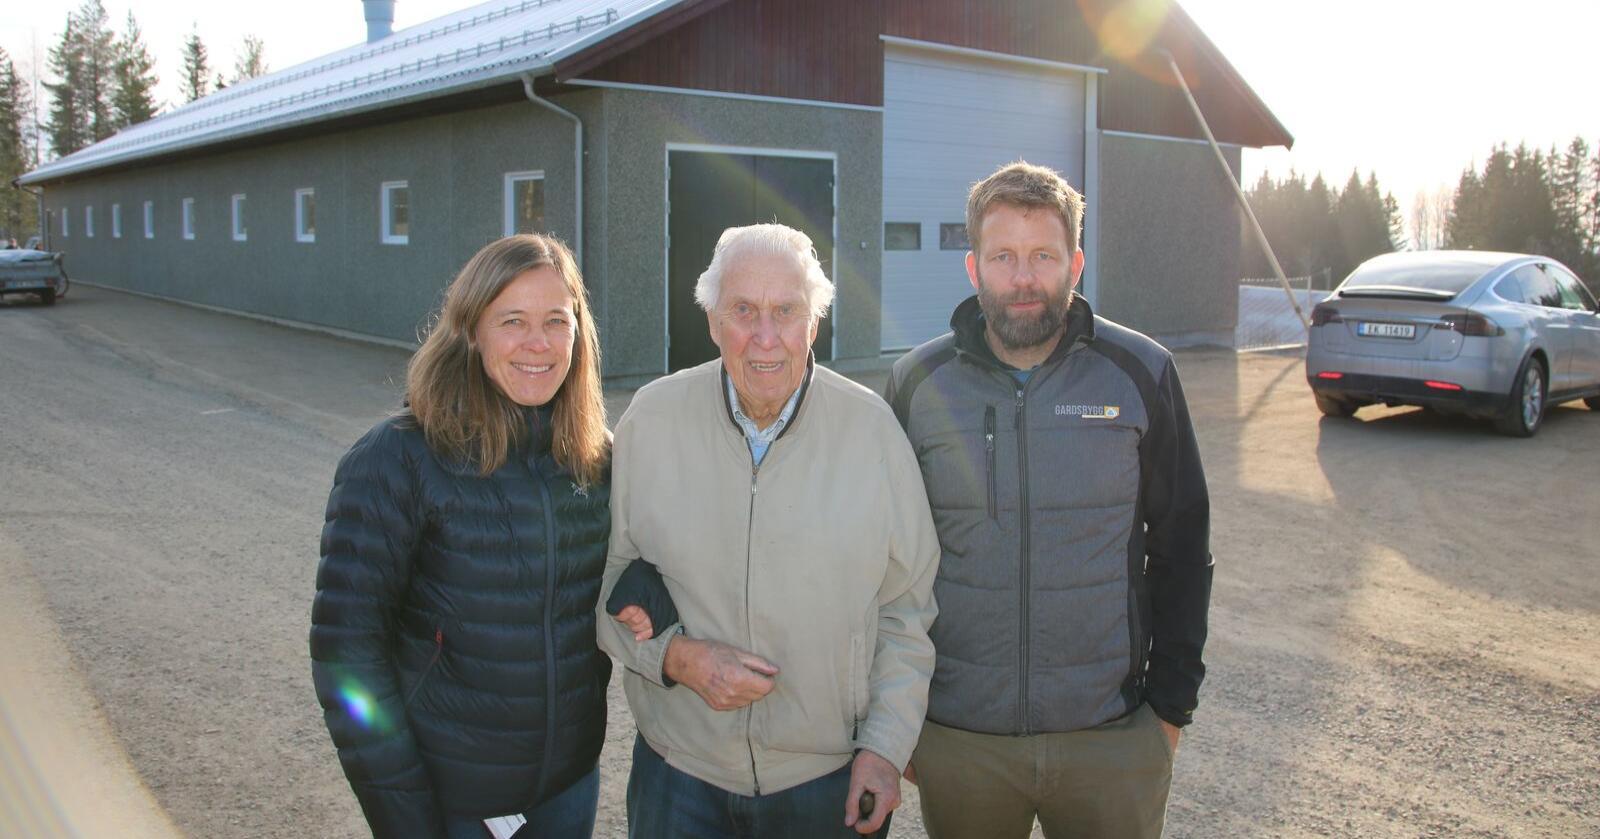 Nytt bygg for seminkarantene på Norsvin, fra venstre eksportsjef Elisabeth Nordbye, Asbjørn Torp og Egil Andersen fra Gardsbygg. Foto: Knut Houge